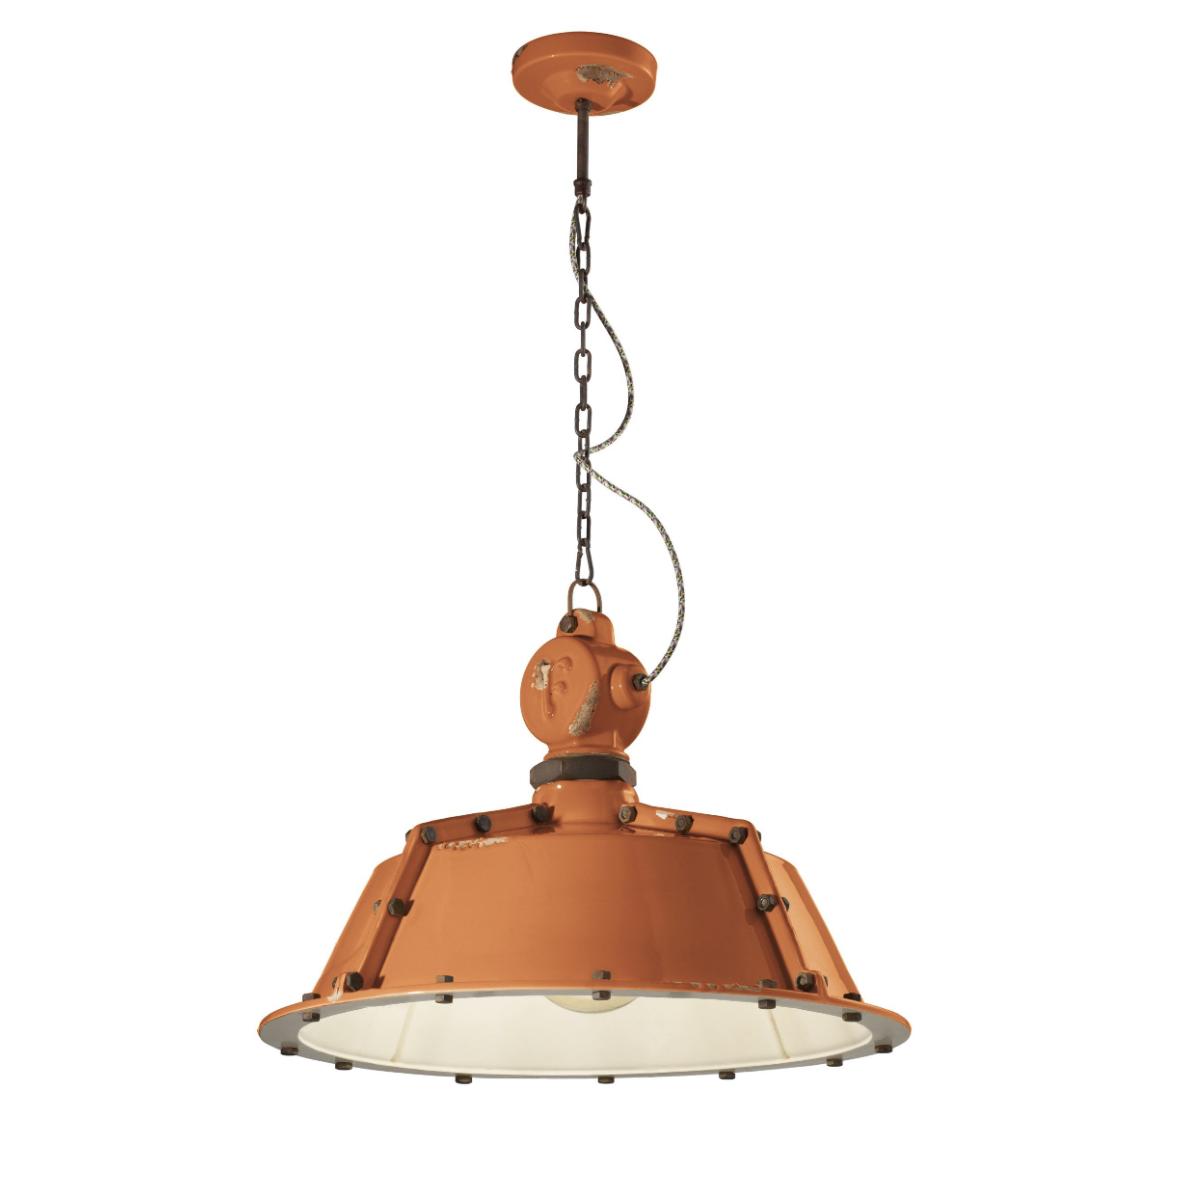 גוף תאורה בסגנון אורבני – בצבע כתום C-1720